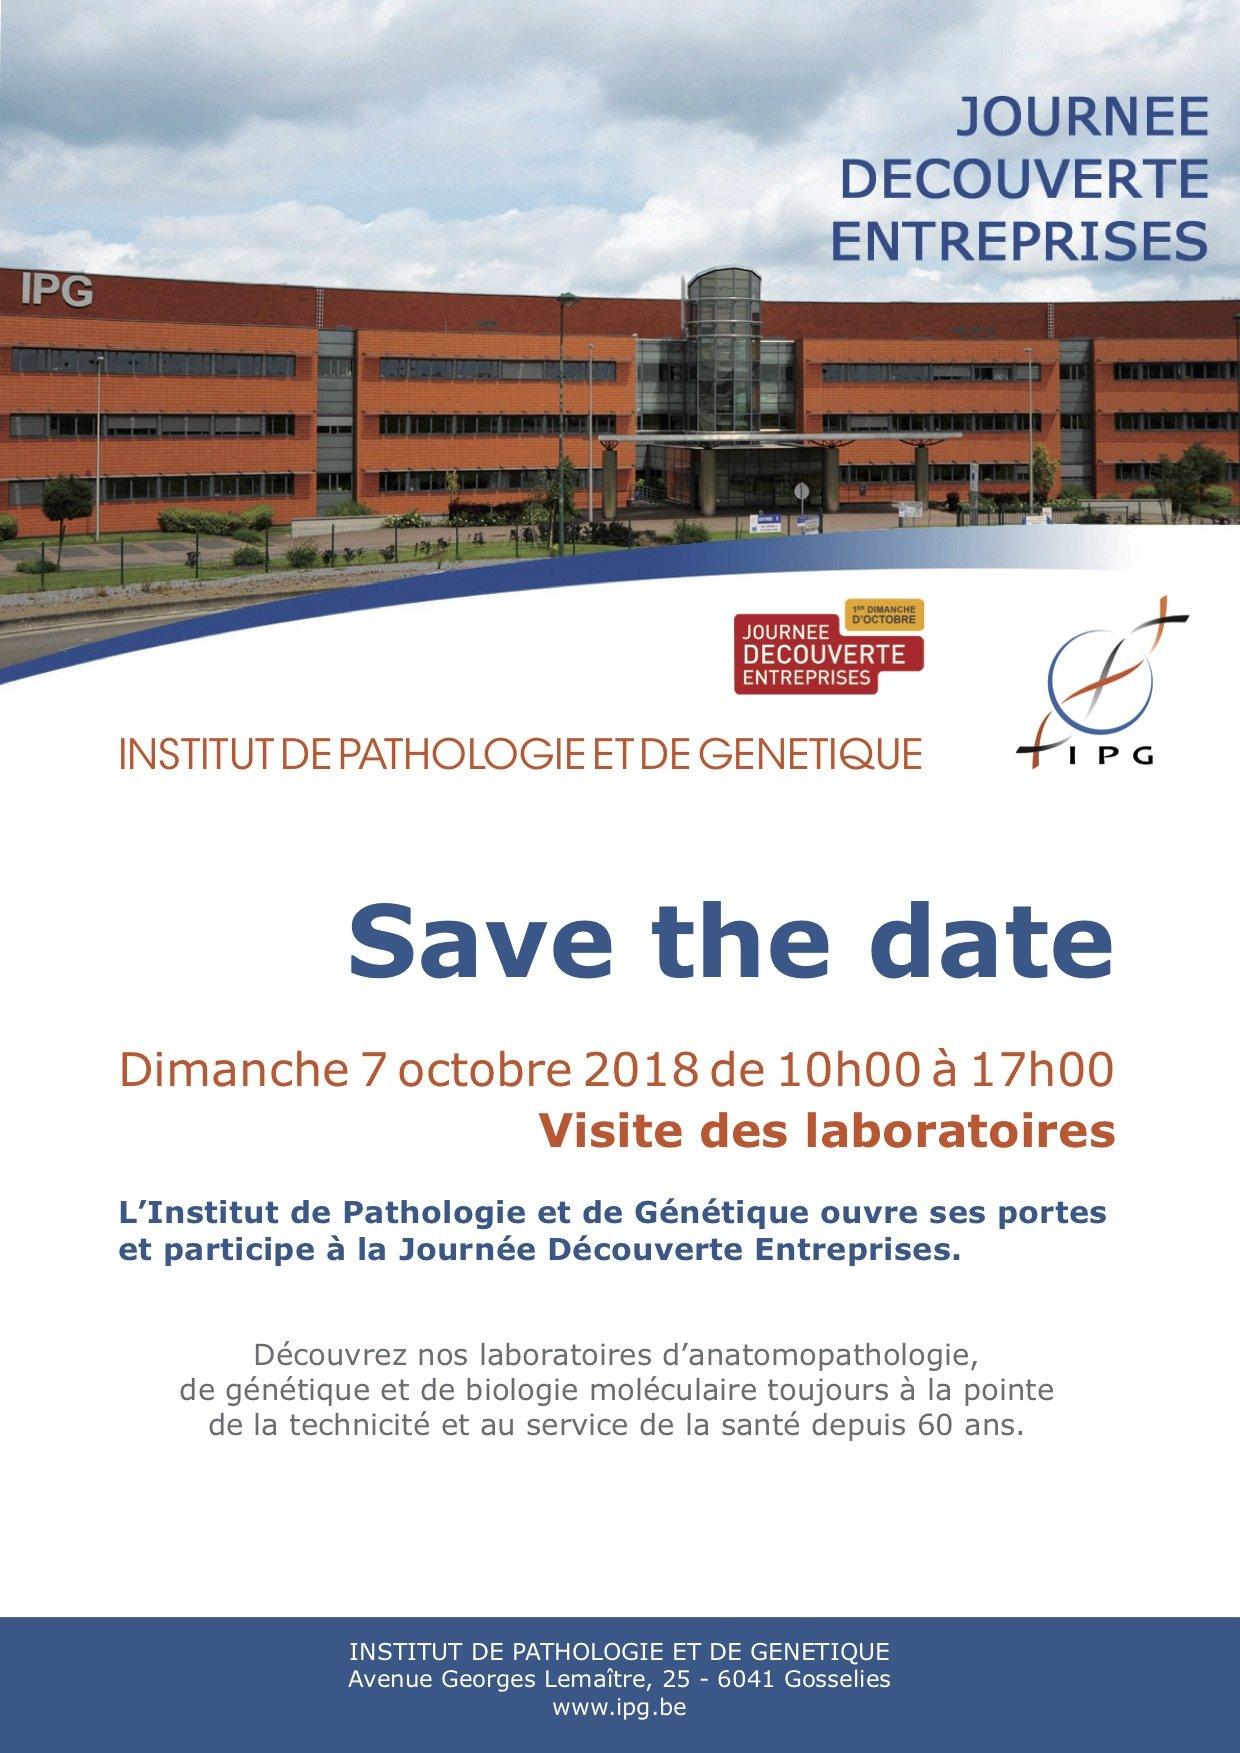 Découvrez les laboratoires de l'IPG à Gosselies le 7 octobre